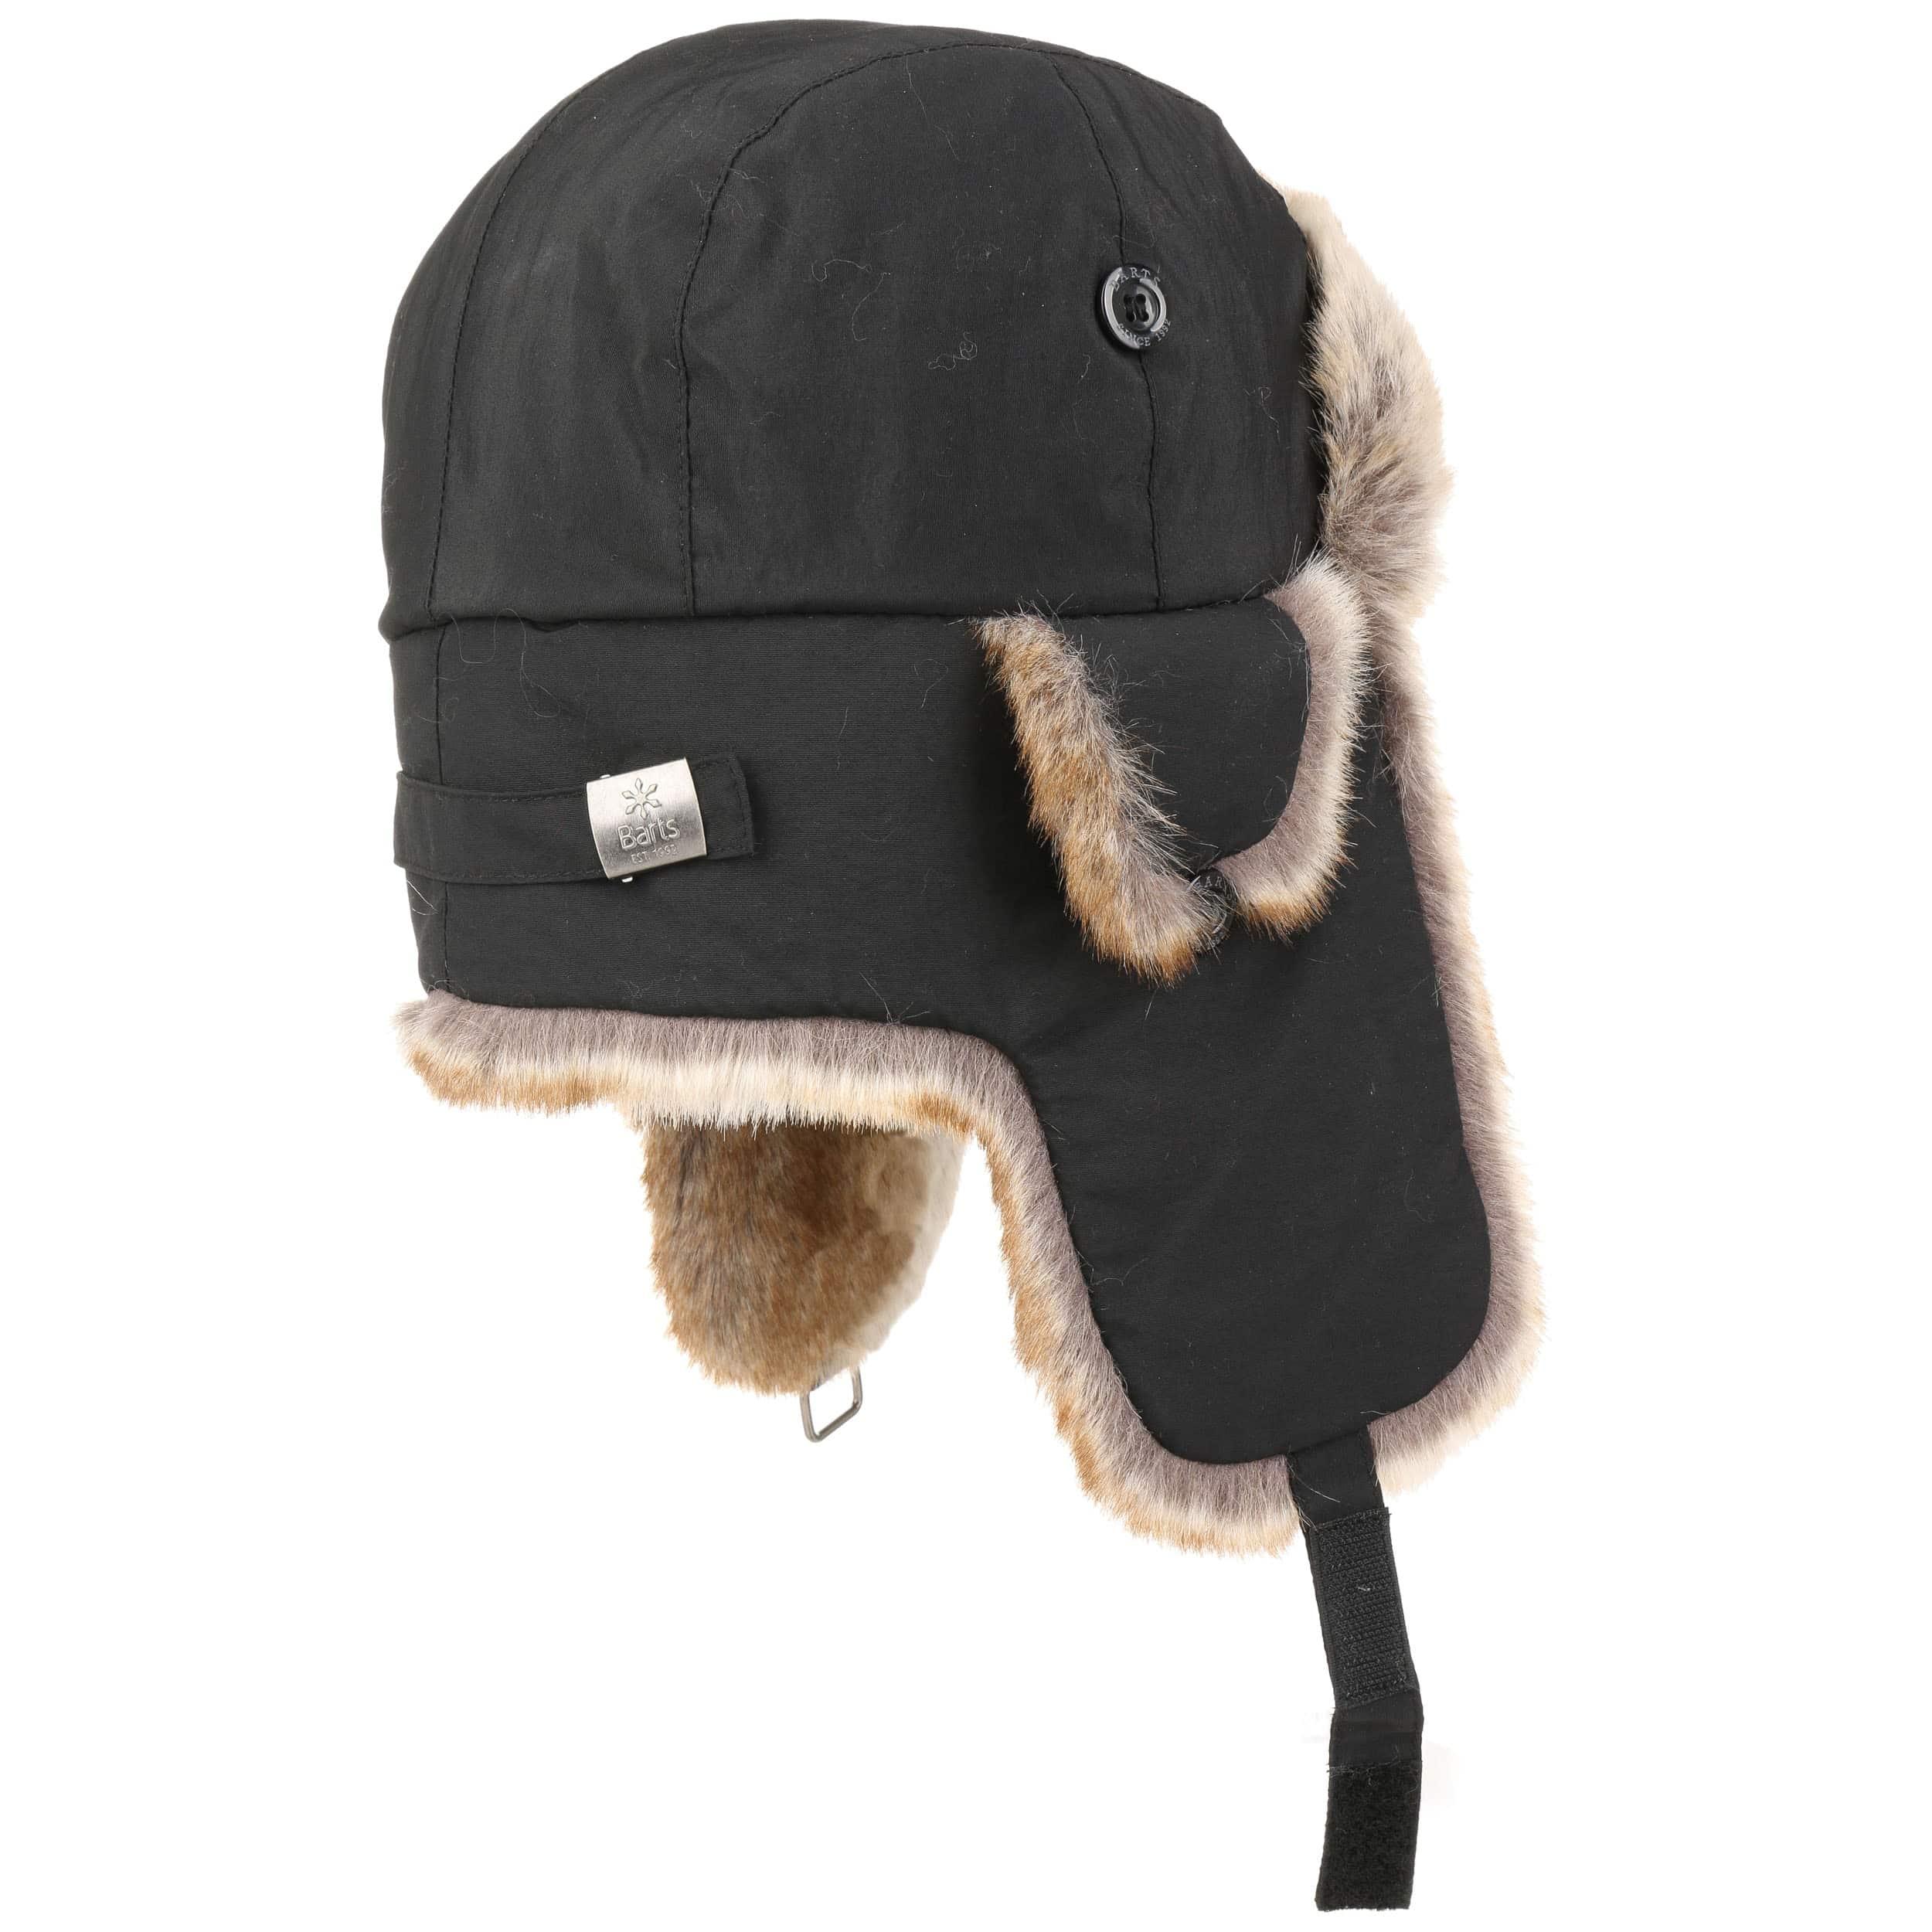 chapka kamikaze nylon by barts eur 39 99 chapeaux casquettes et bonnets en ligne. Black Bedroom Furniture Sets. Home Design Ideas